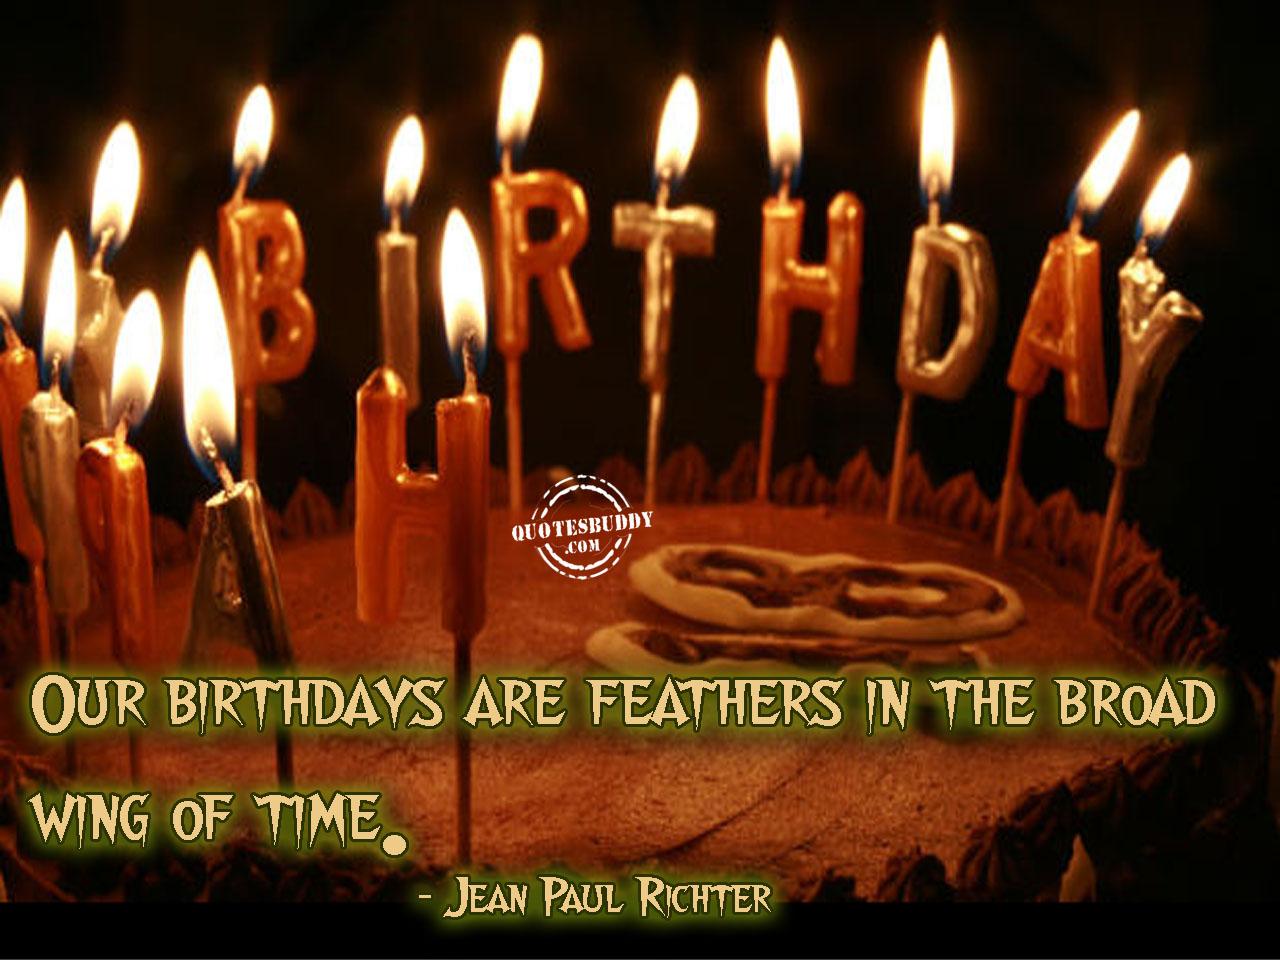 Birthday quote #2